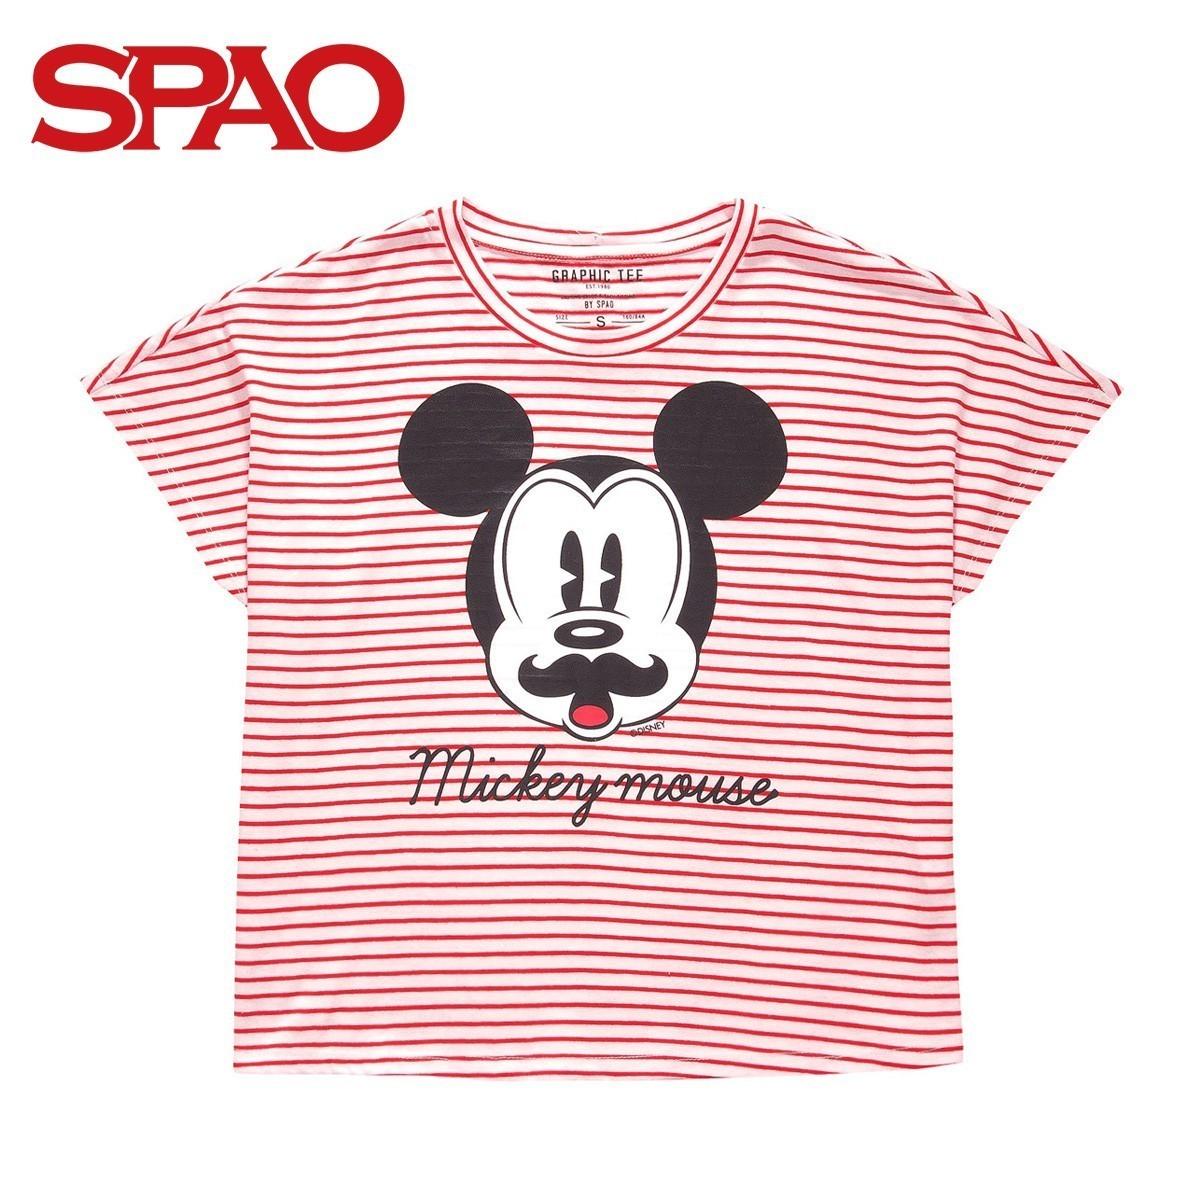 SPAO衣戀 春夏米奇條紋印花女裝短袖T恤SPRP42TD99